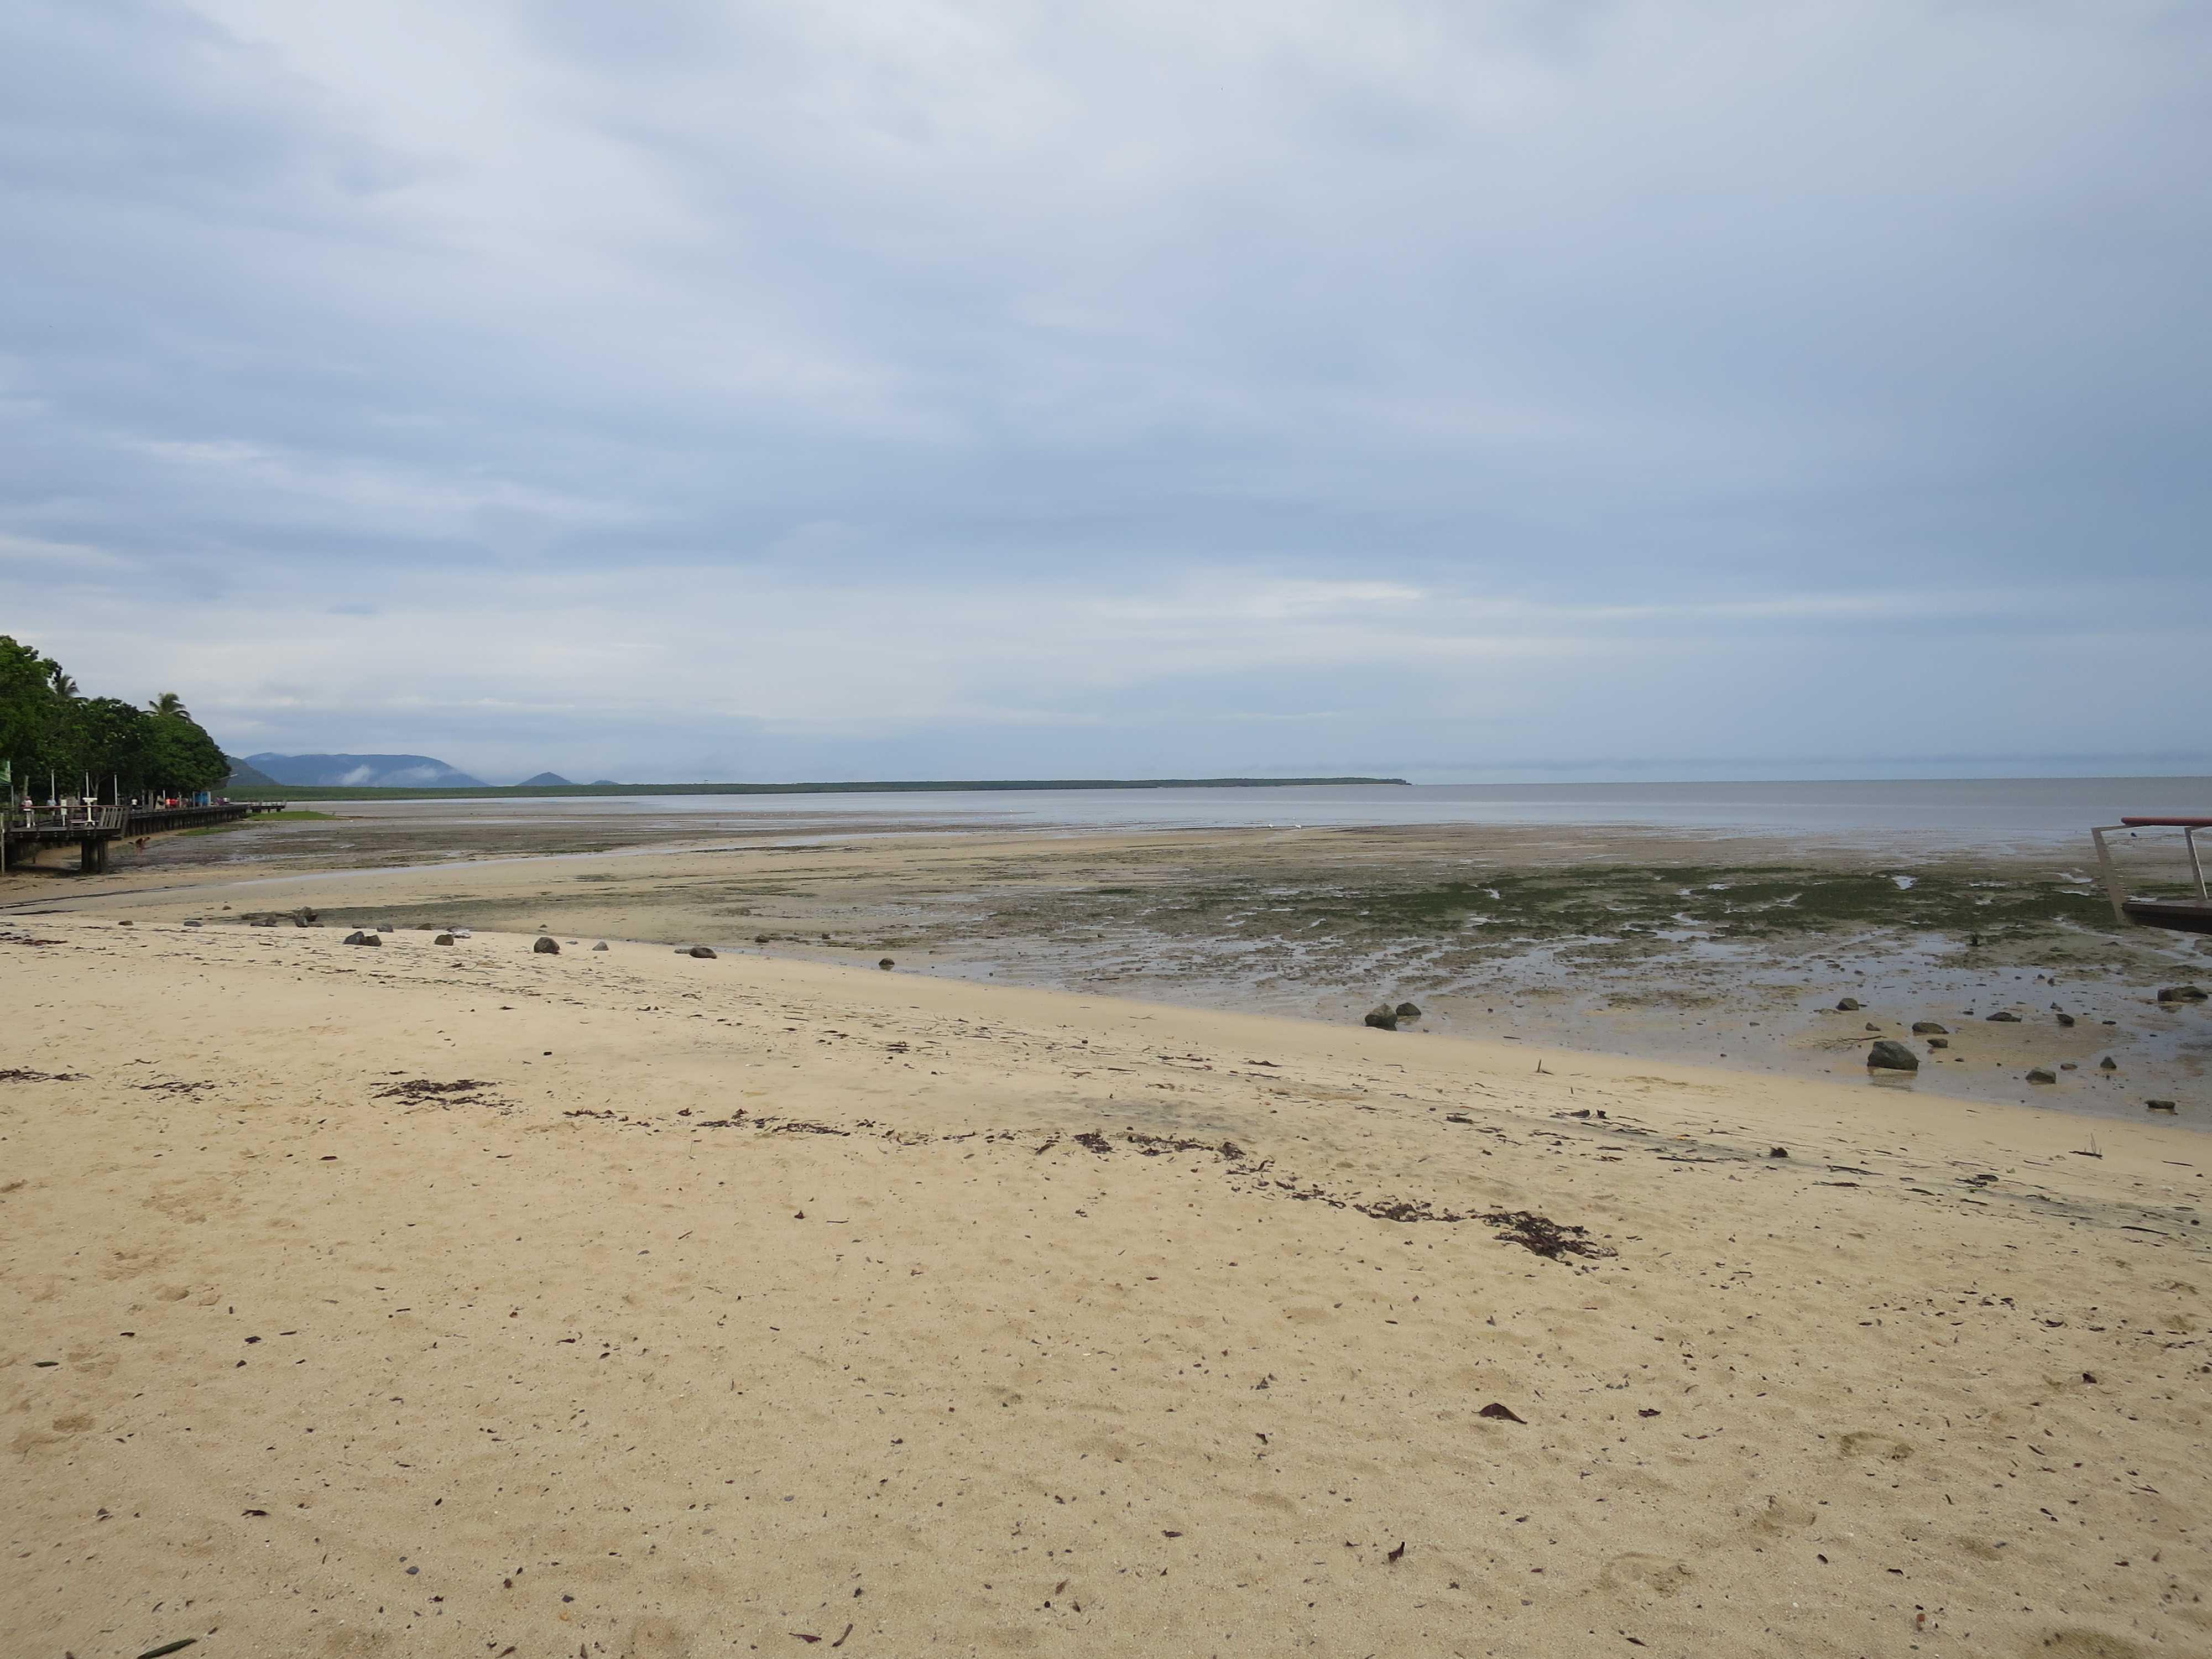 ケアンズの海岸 - 引き潮(干潮)